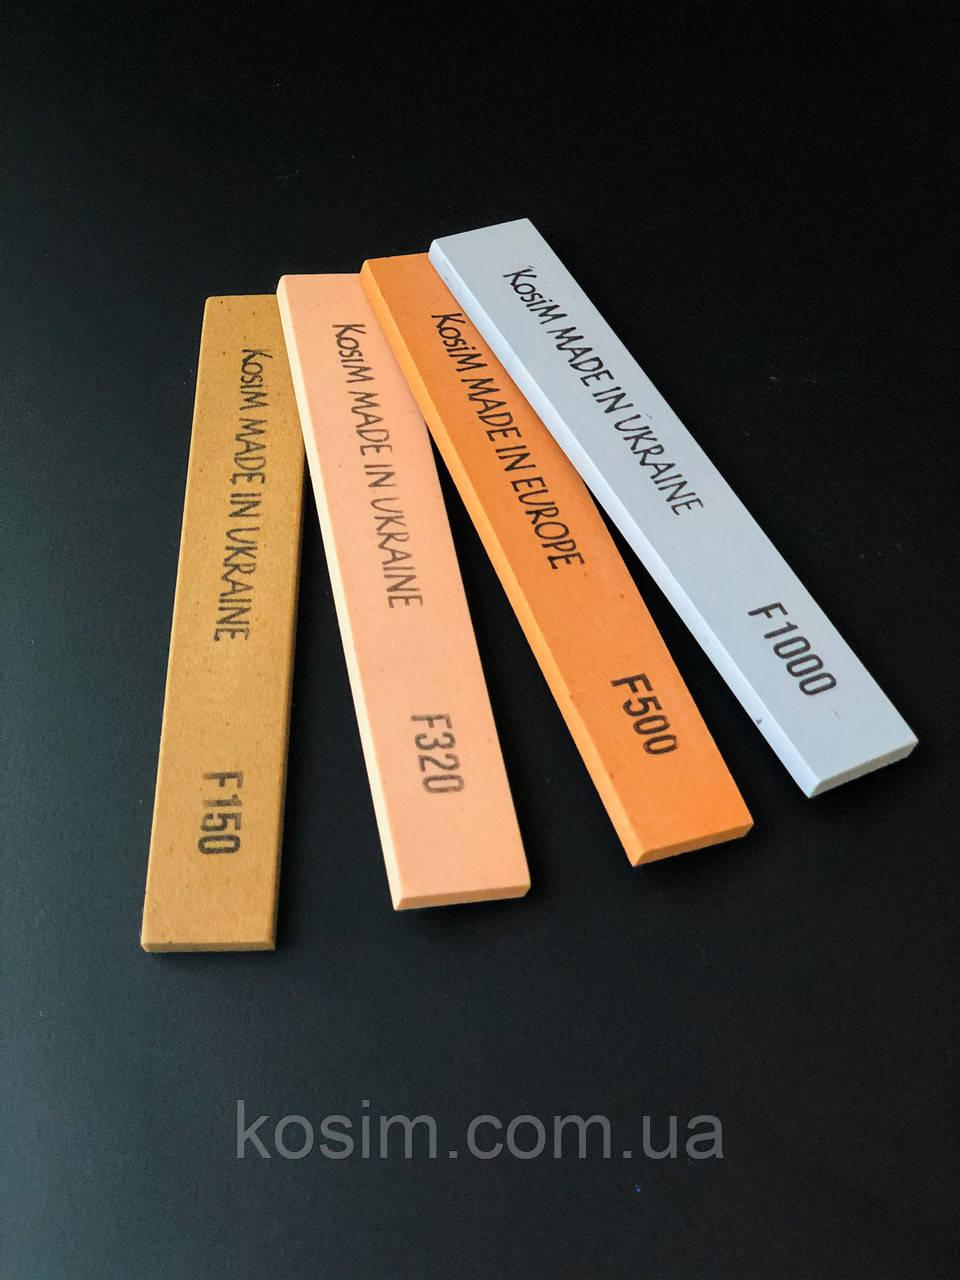 Масляные точильные бруски KosiM 150/320/500/1000 оксида алюминия 25 А 6 мм. Набор 4 шт.